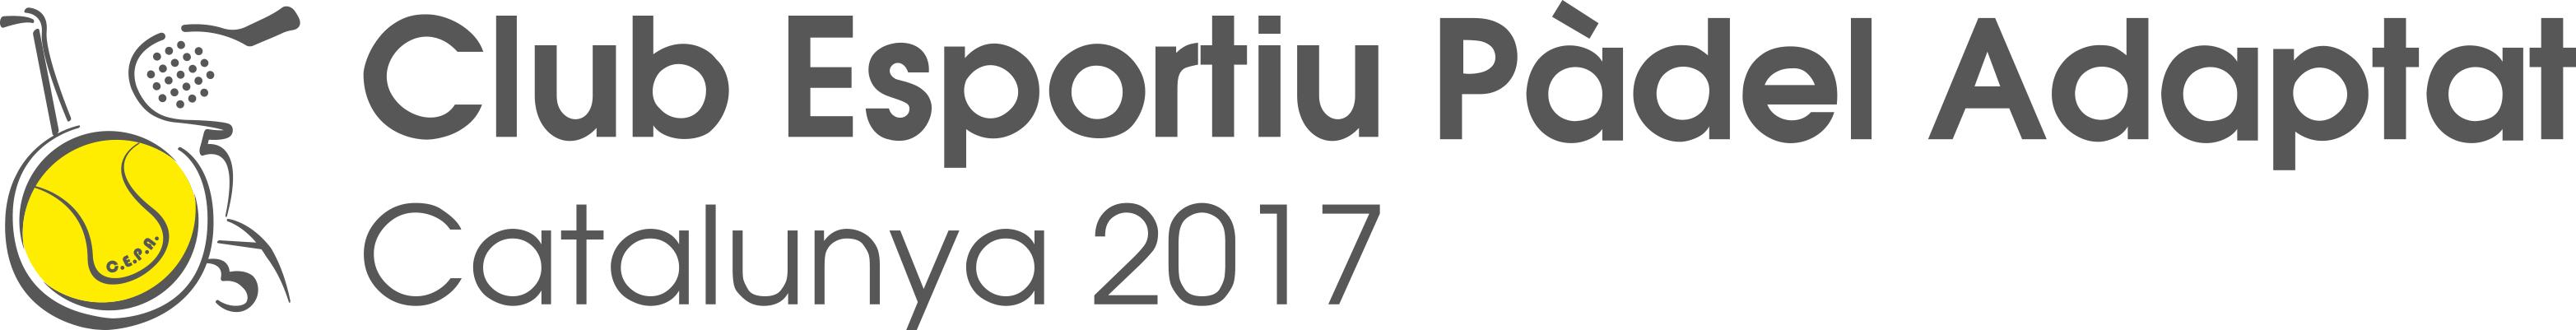 Club Esportiu Pàdel Adaptat Catalunya 2017